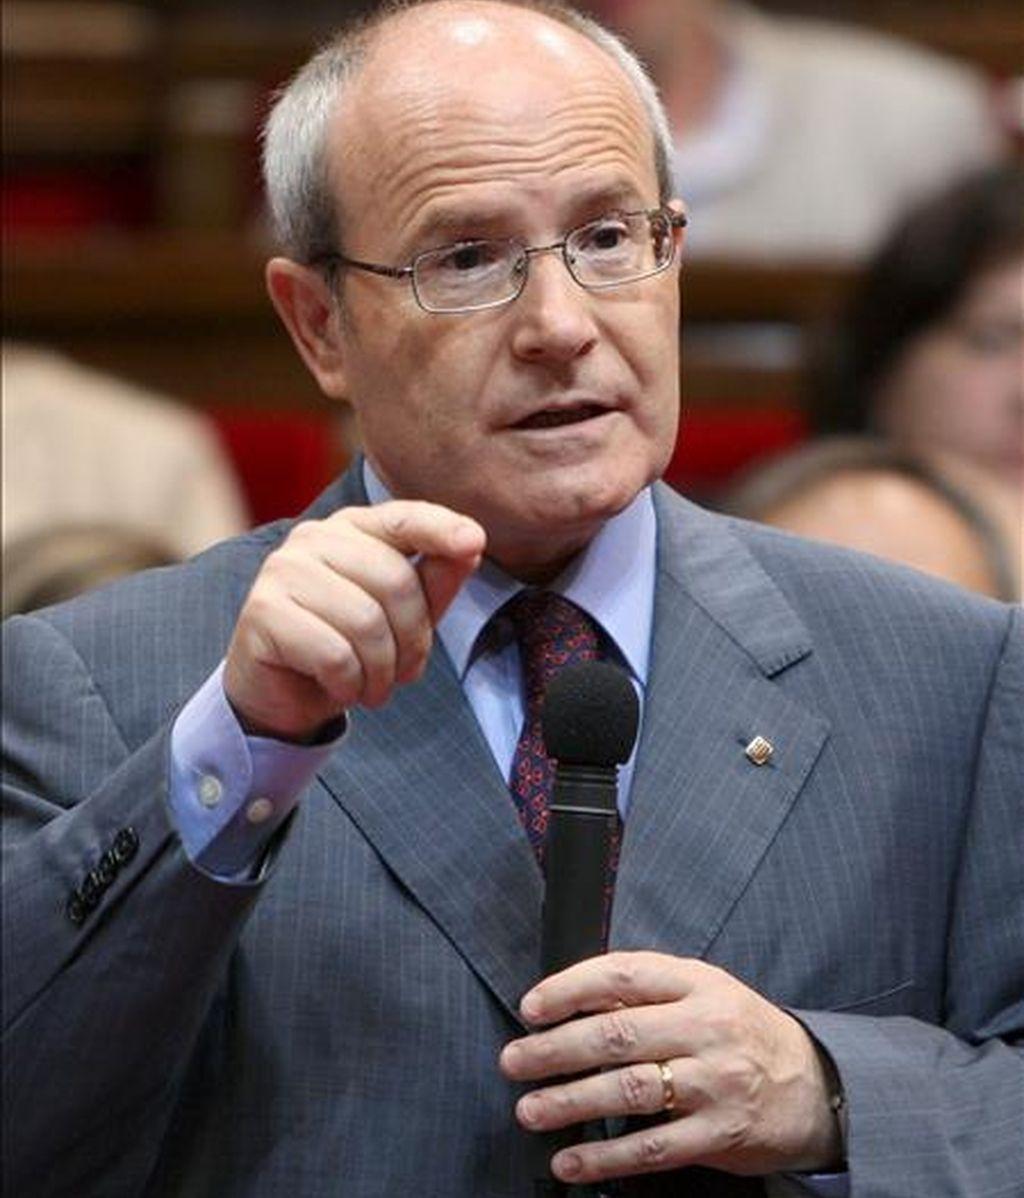 El presidente de la Generalitat, José Montilla. EFE/Archivo